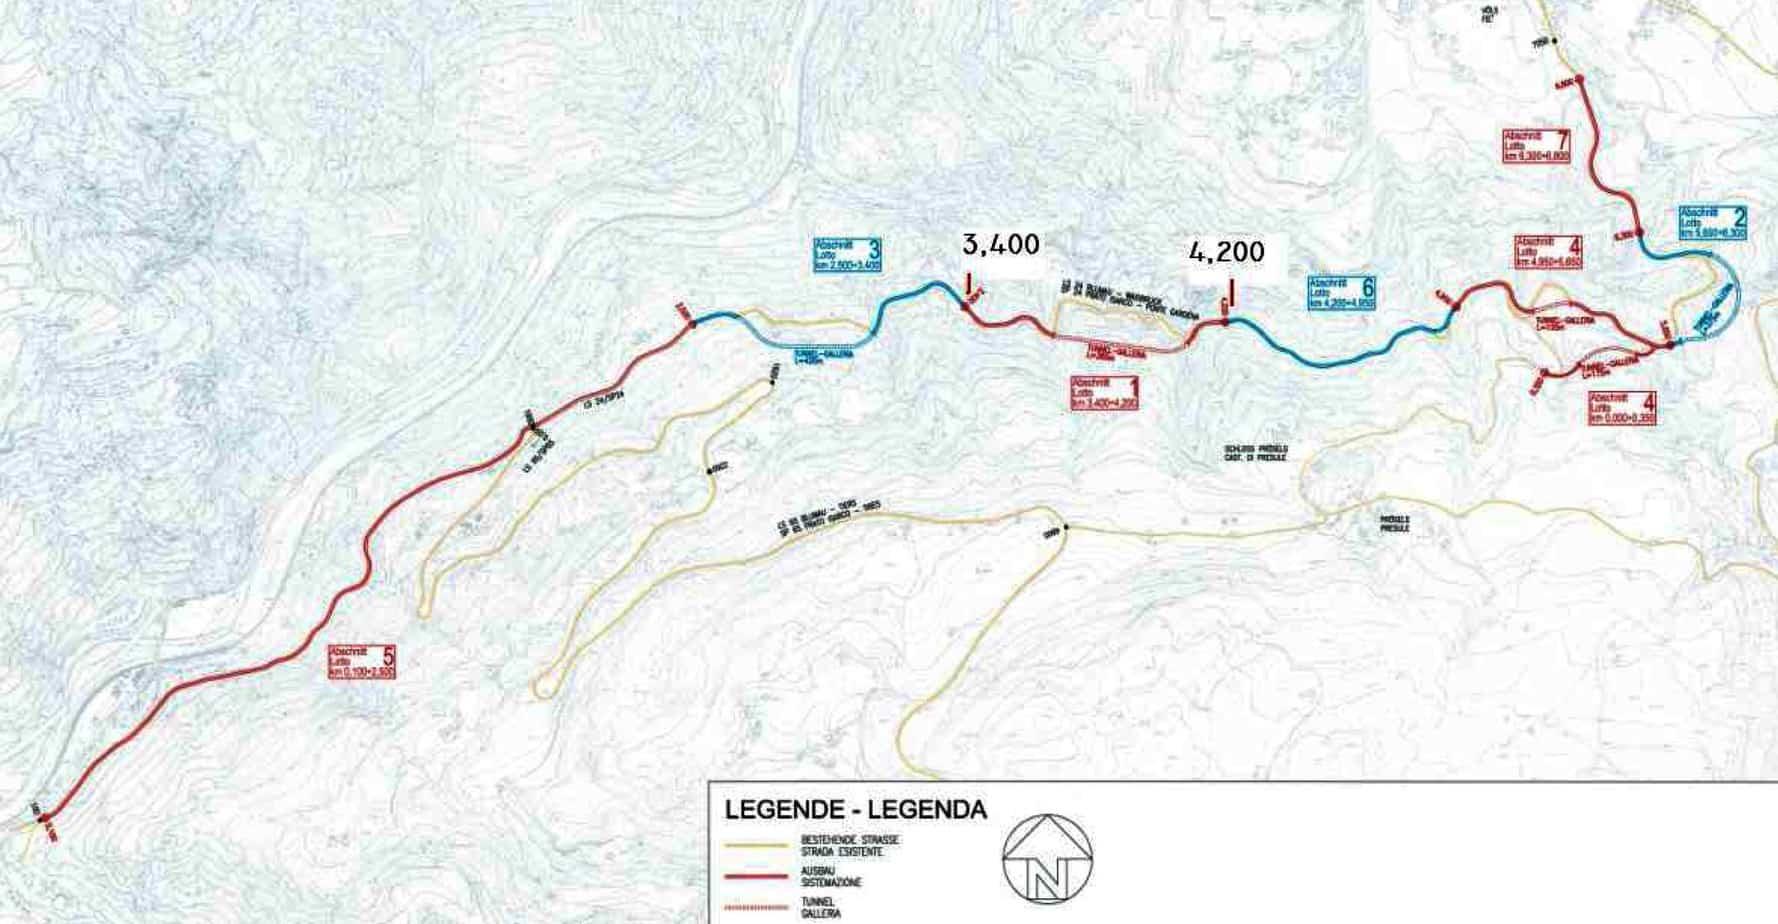 La lunghezza totale del tratto di strada da Prato Isarco fino all'inizio dell'abitato di Fiè è di circa 7 km